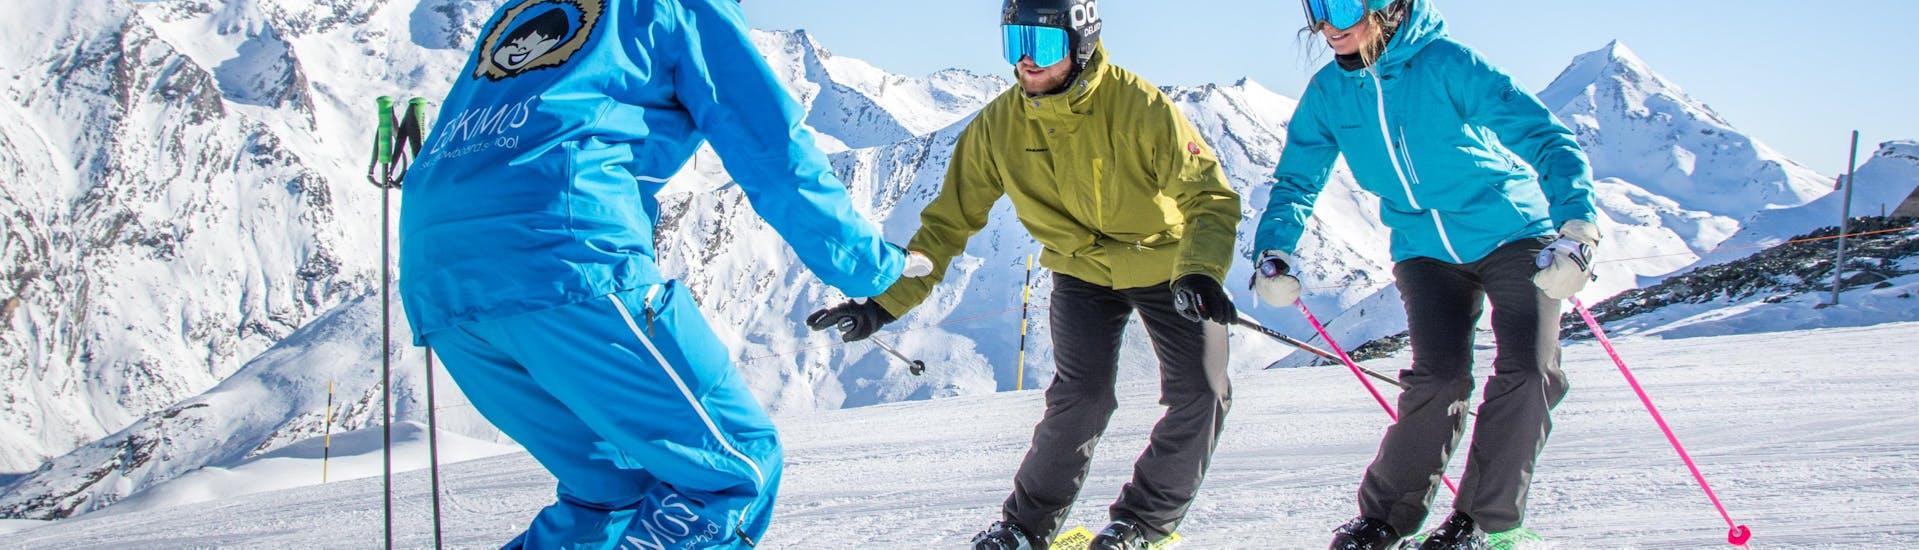 Curso de esquí privado para adultos para todos los niveles